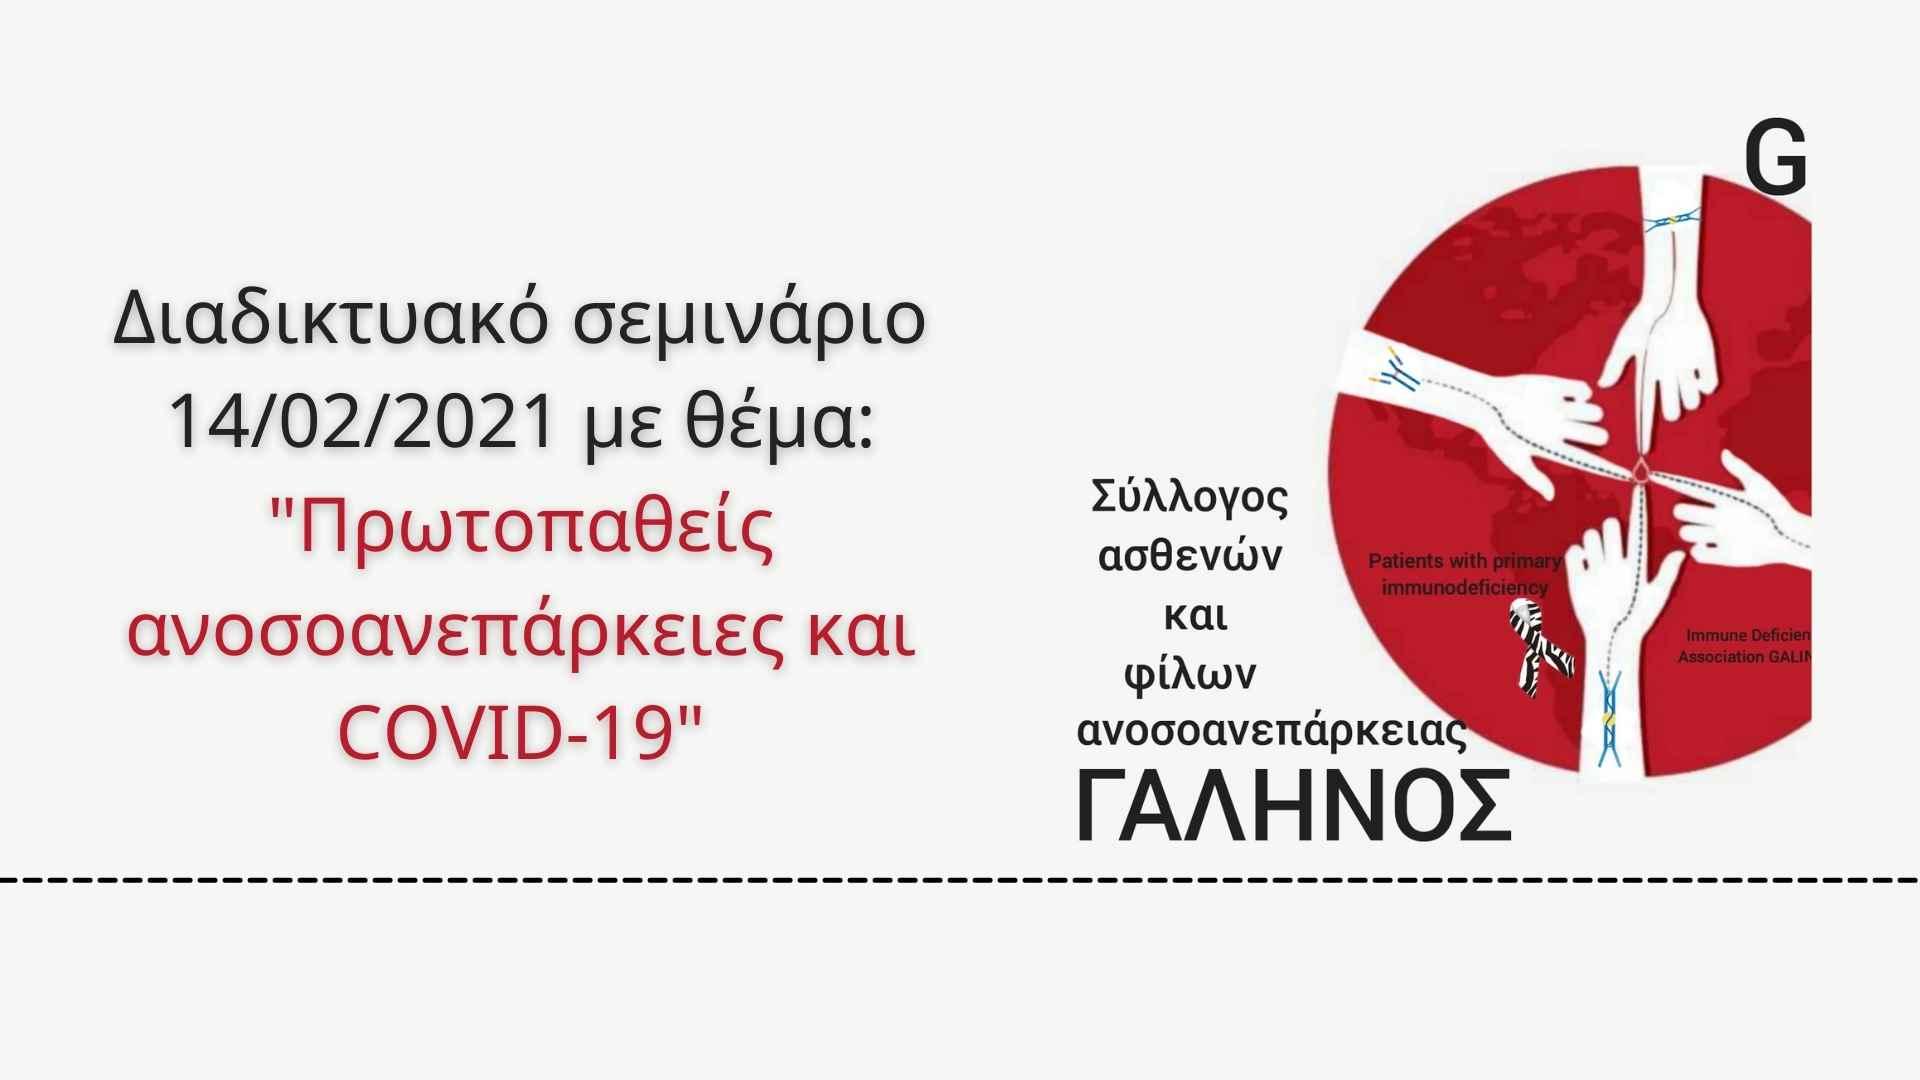 """Διαδικτυακό σεμινάριο 14/02/2021 με θέμα: """"Πρωτοπαθείς ανοσοανεπάρκειες και COVID-19"""""""